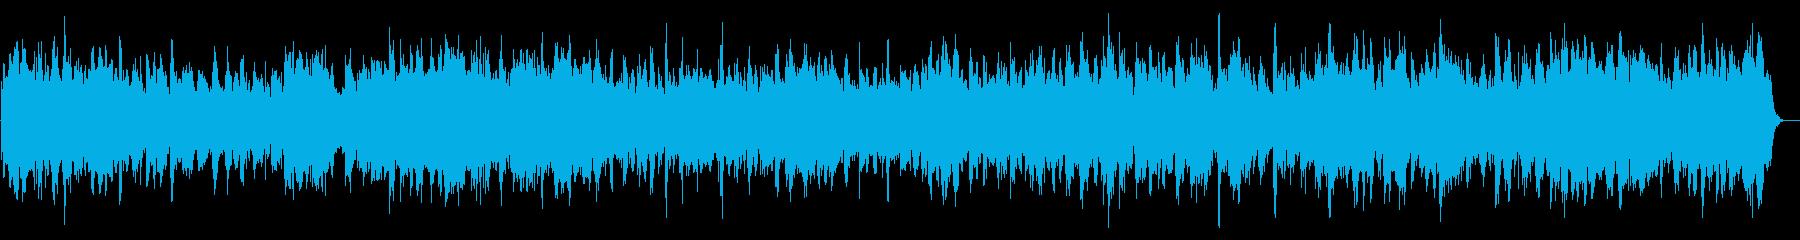 占い・ヨガ・リラックス・睡眠の再生済みの波形